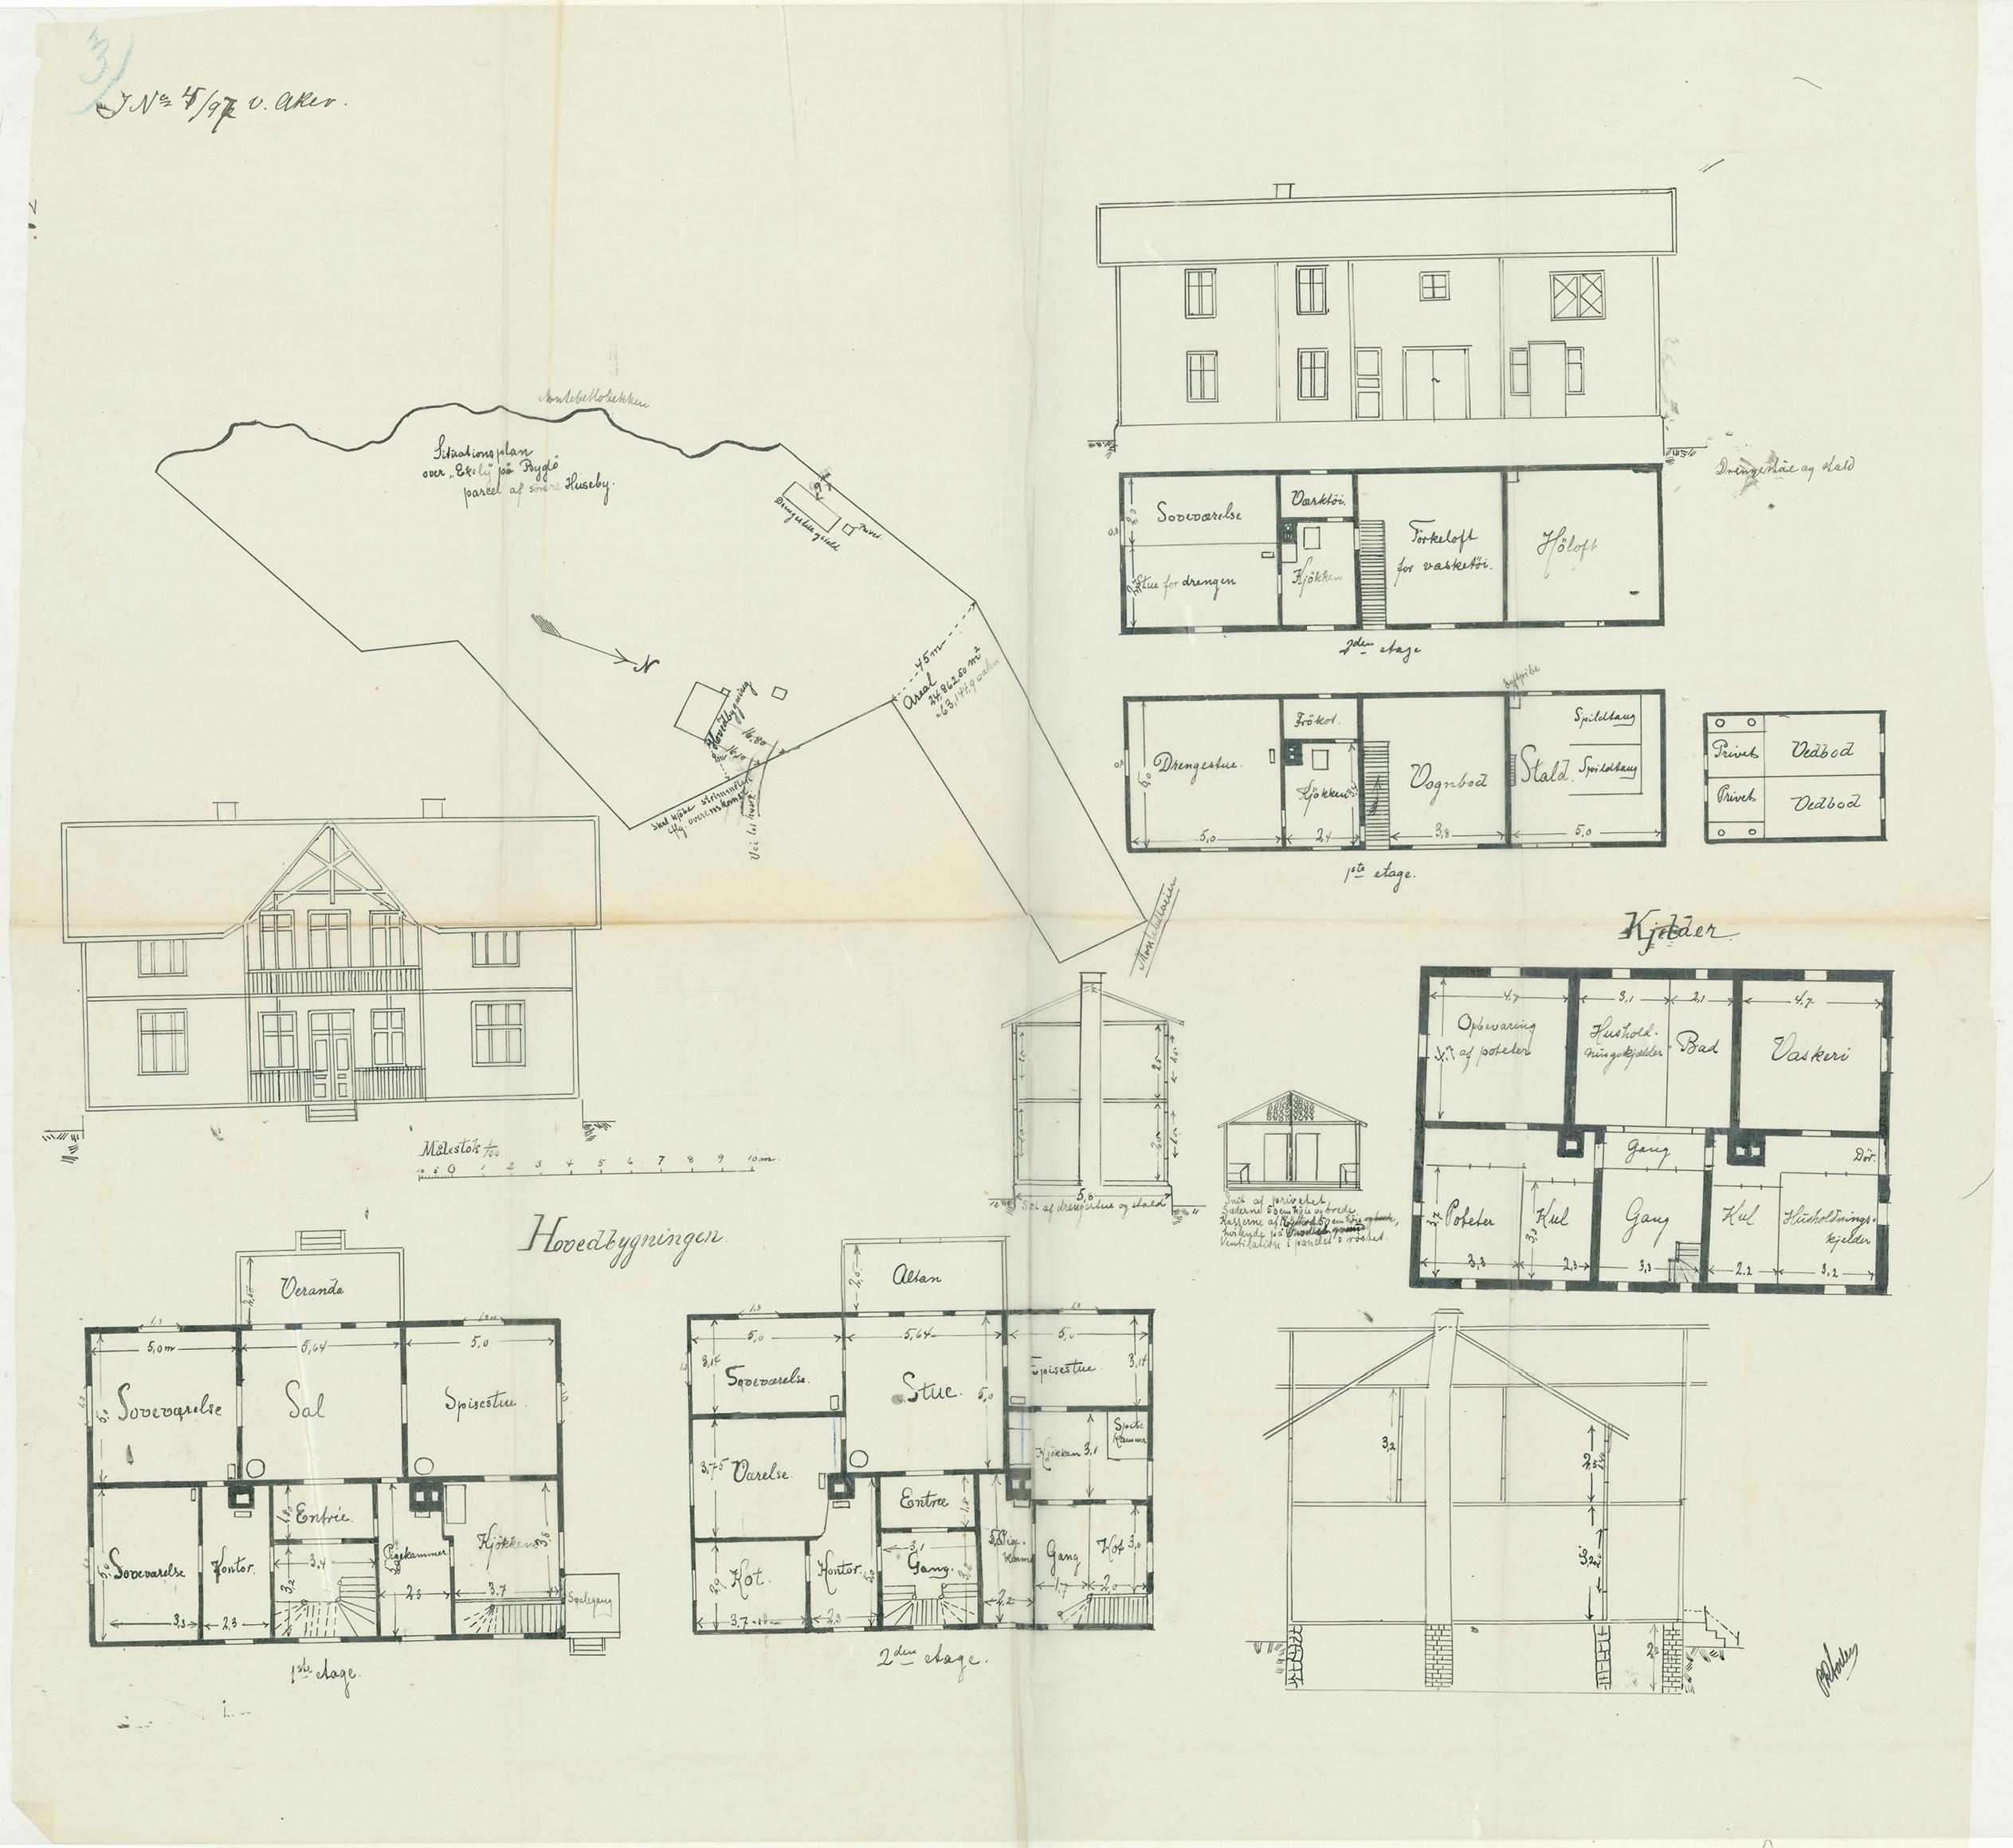 plan og bygningsetaten